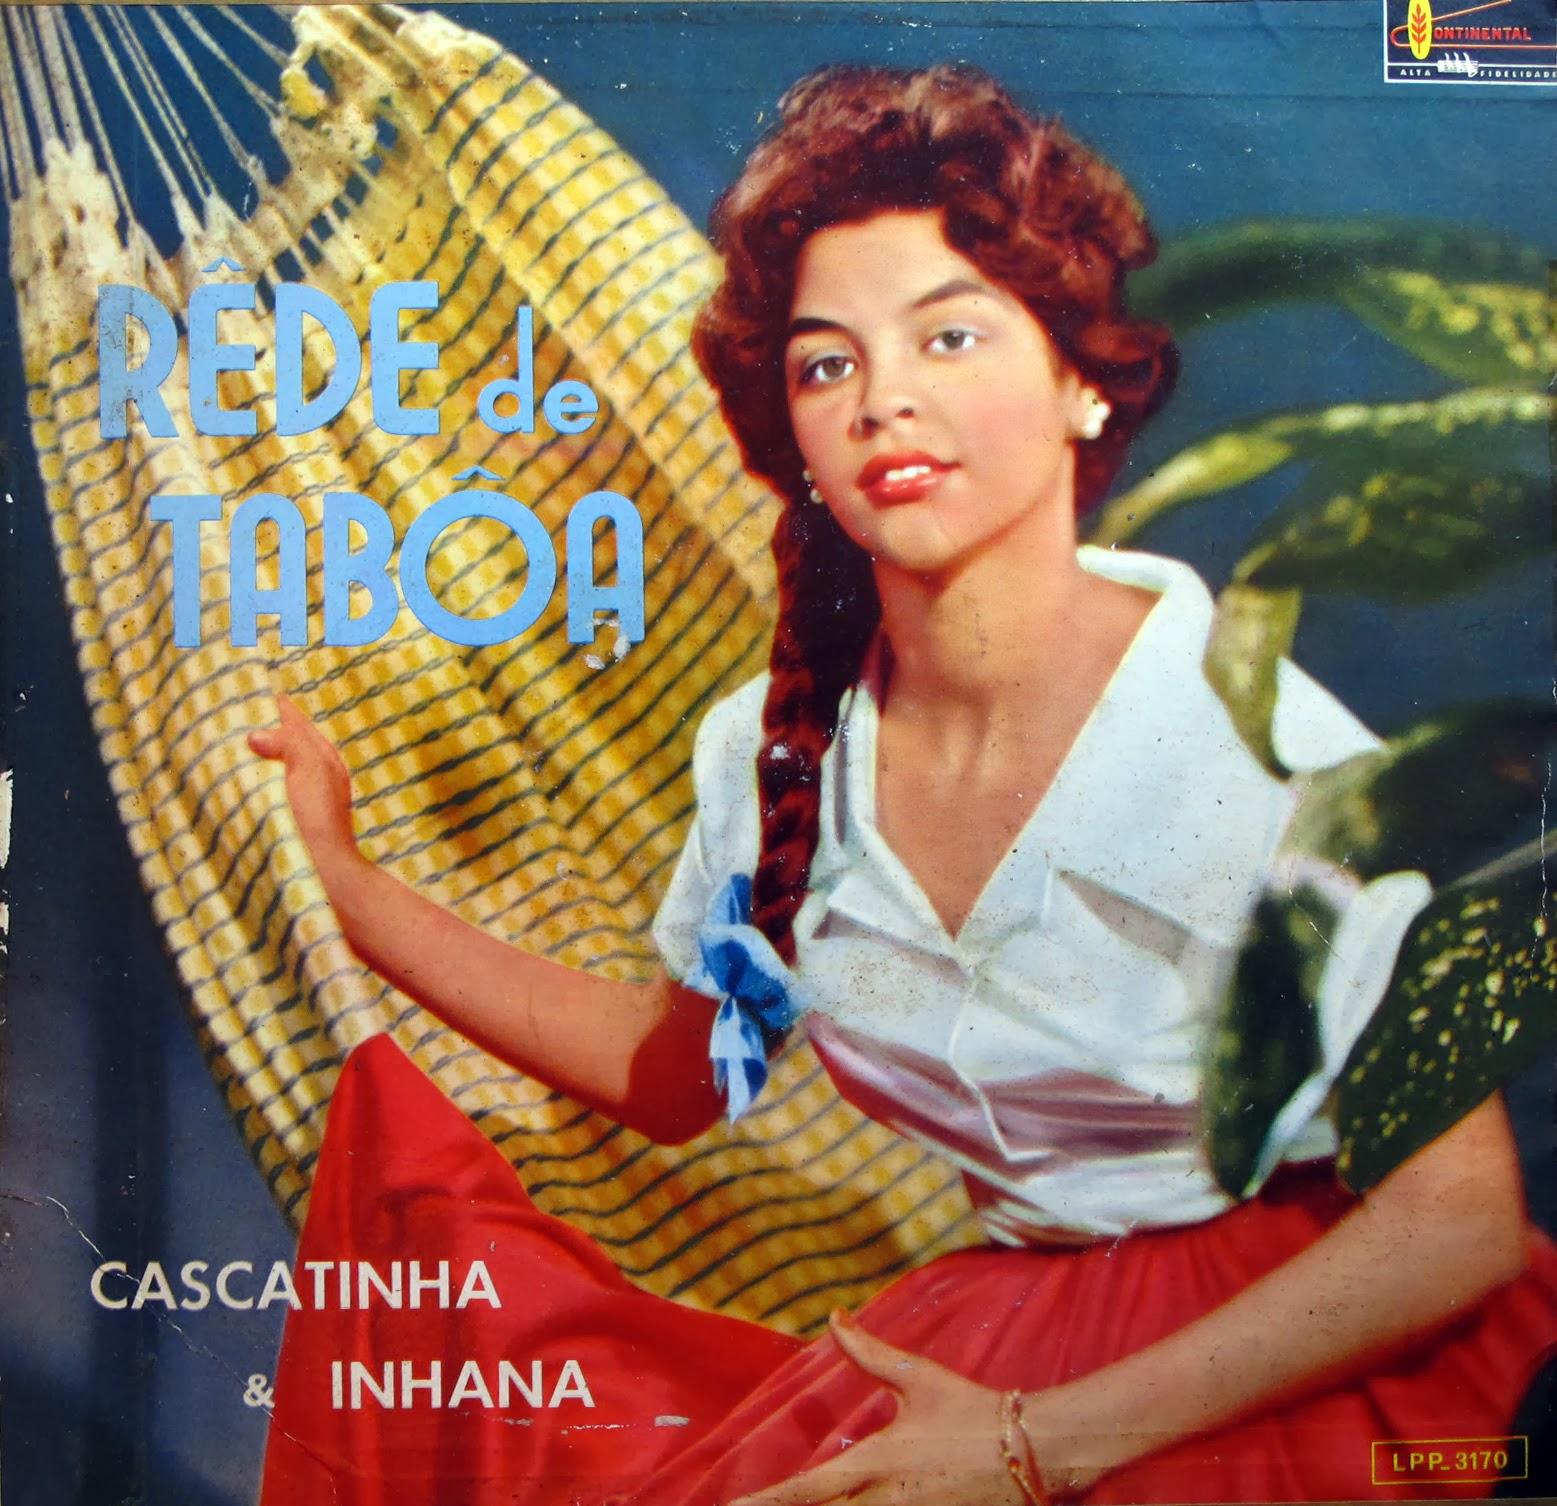 NO FUTEBOL CAJU MUSICA INFERNO E BAIXAR CASTANHA DO